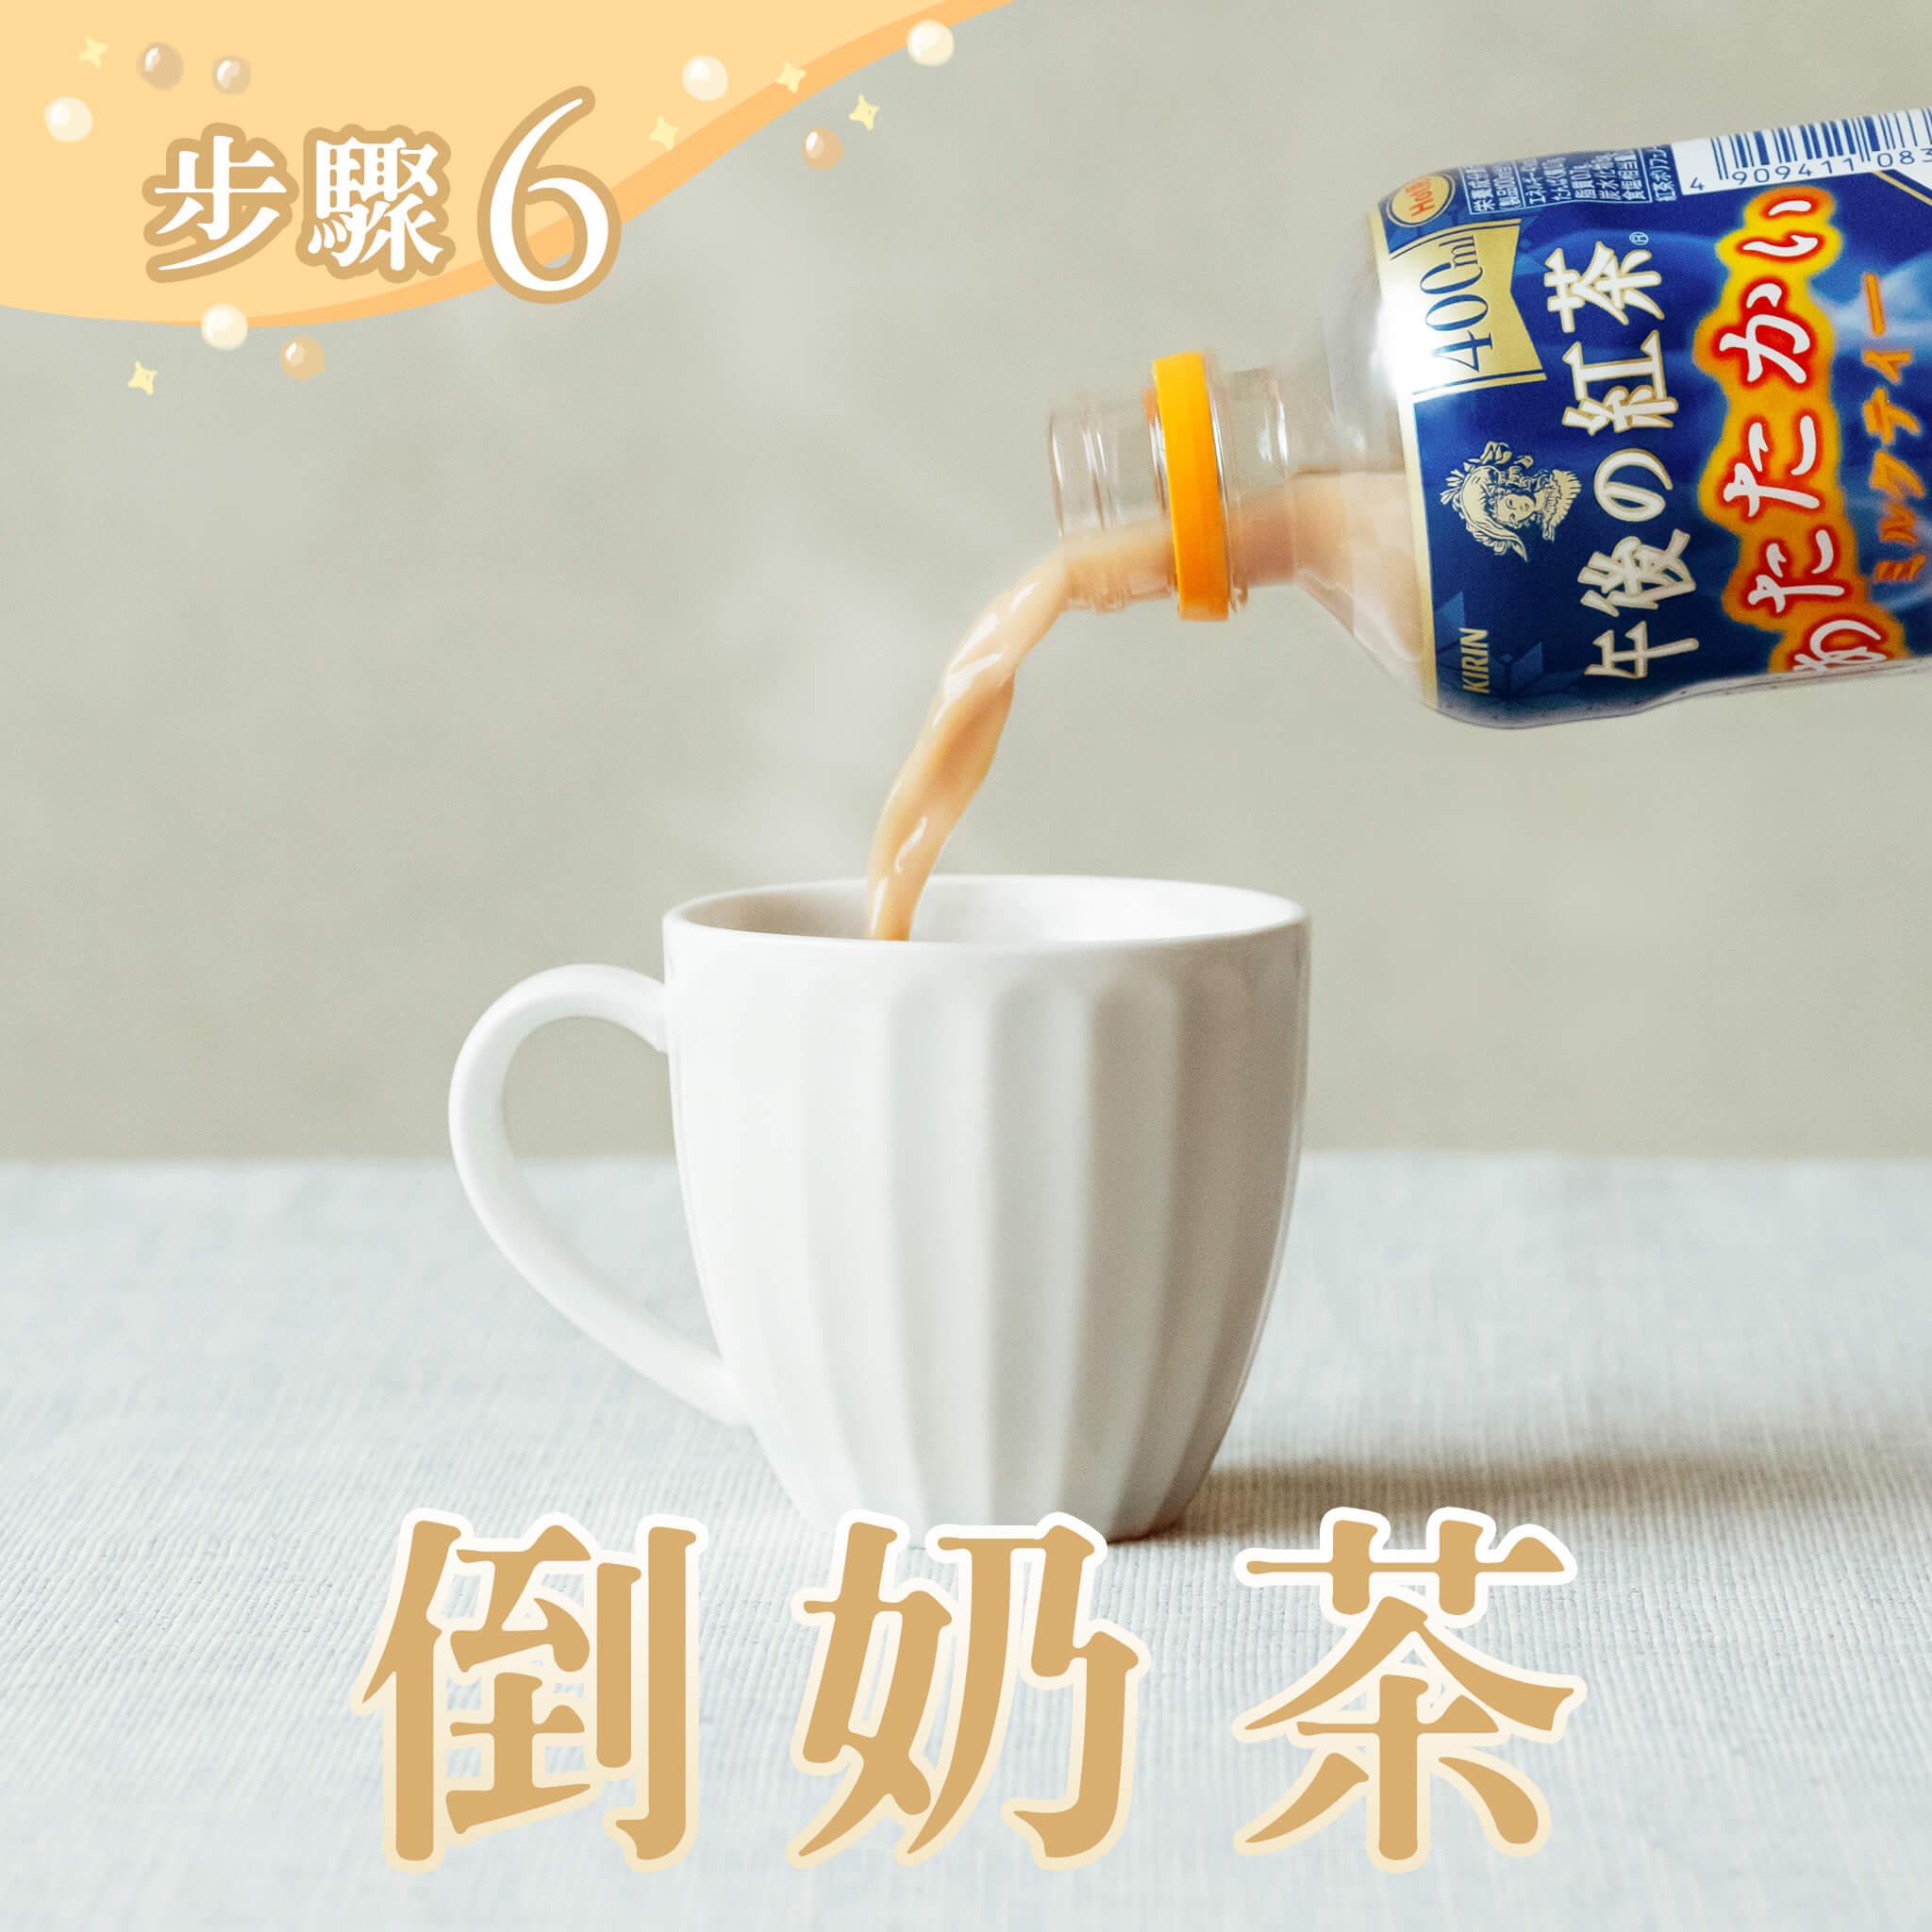 將茶香珍珠放入杯中,再倒入香濃的午後熱奶茶,就大功告成囉!